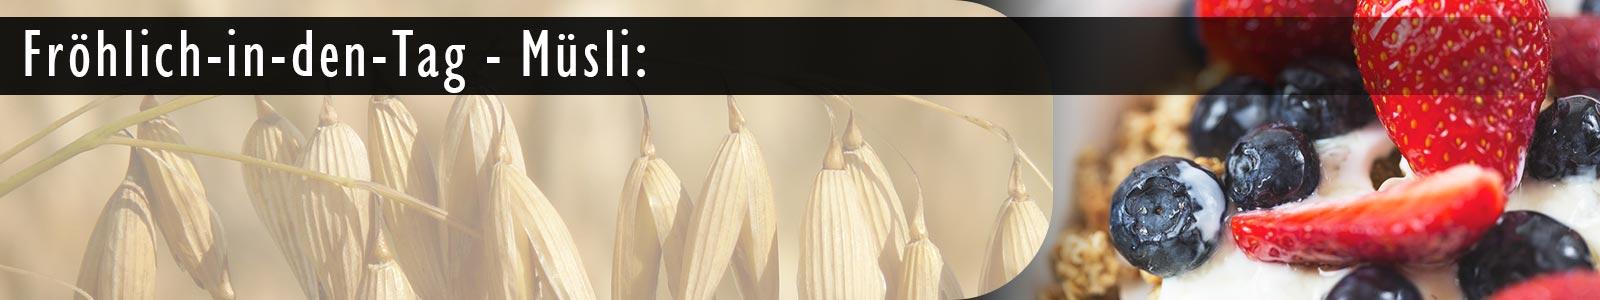 Rezept für frisches Müsli mit einer Getreidemühle für die Küchenmaschine